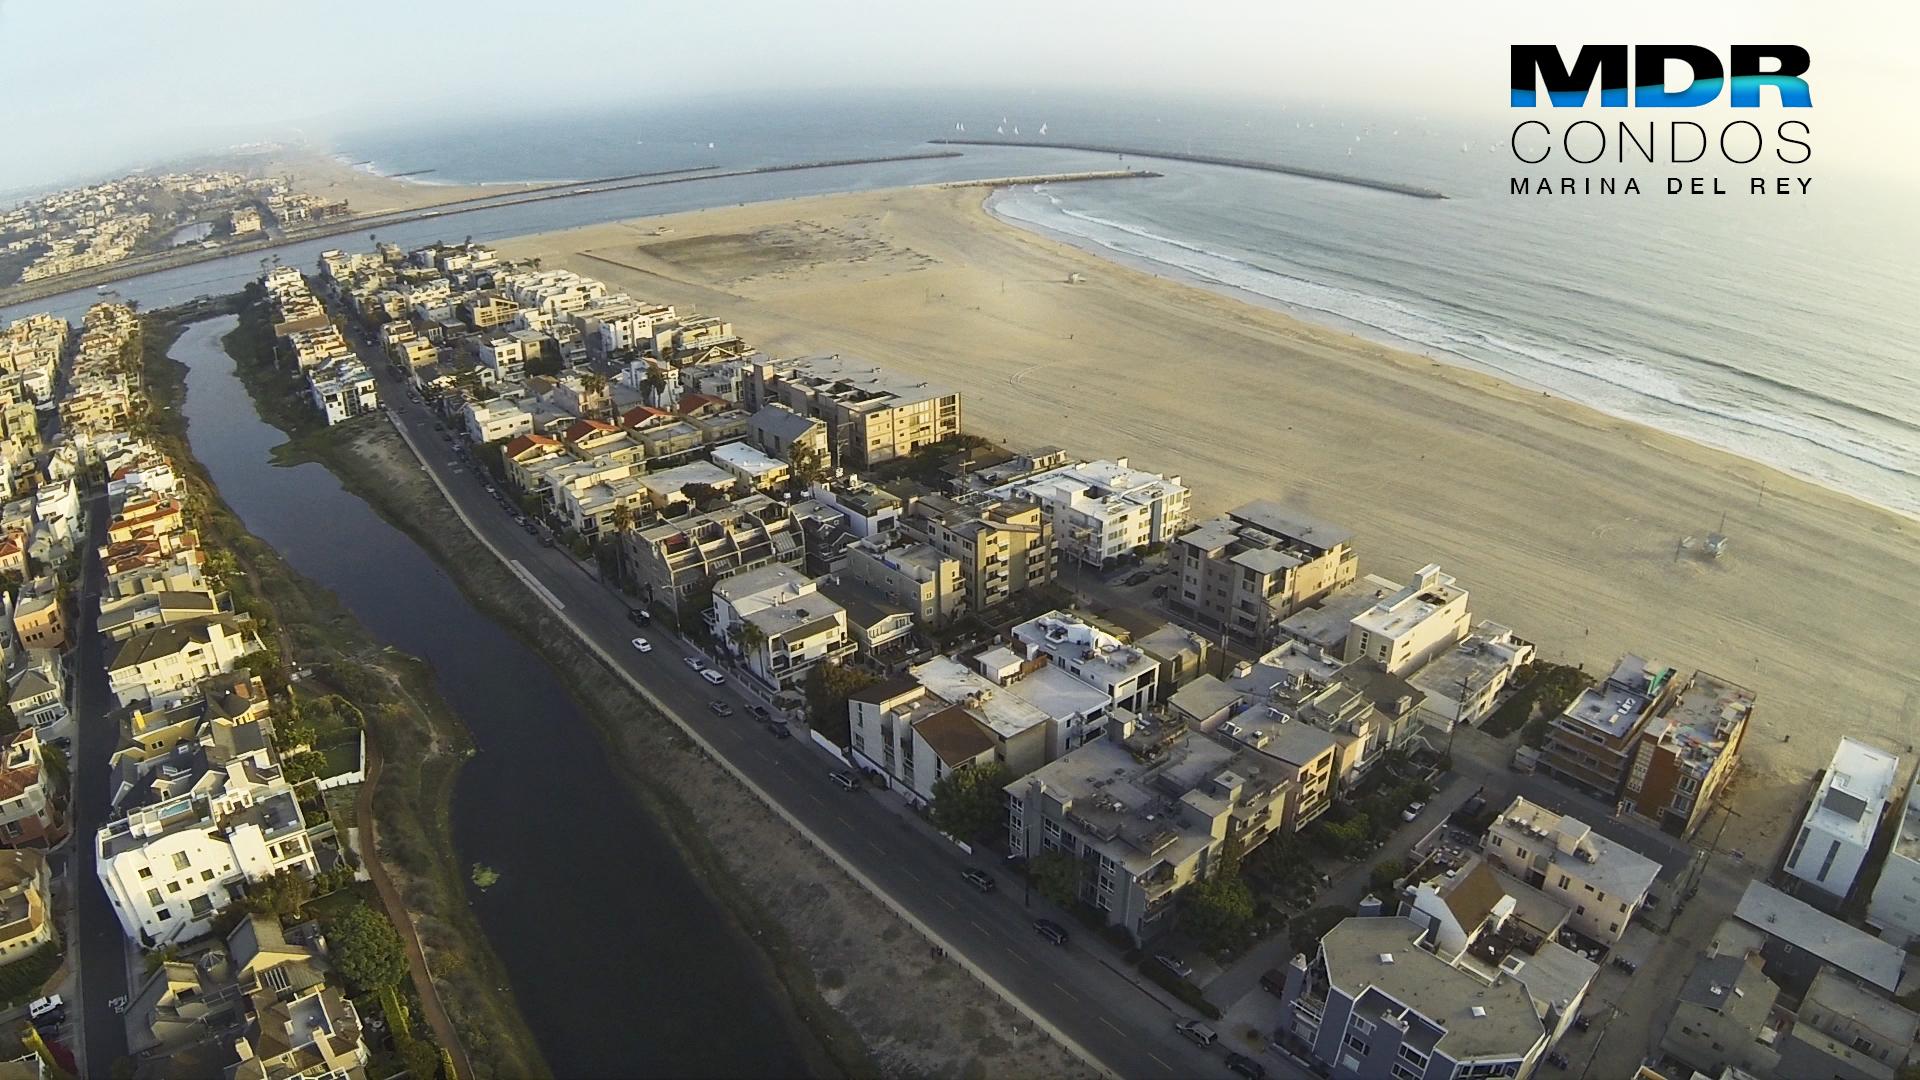 Marina del rey peninsula homes condos for sale for lease for Houses for sale marina del rey